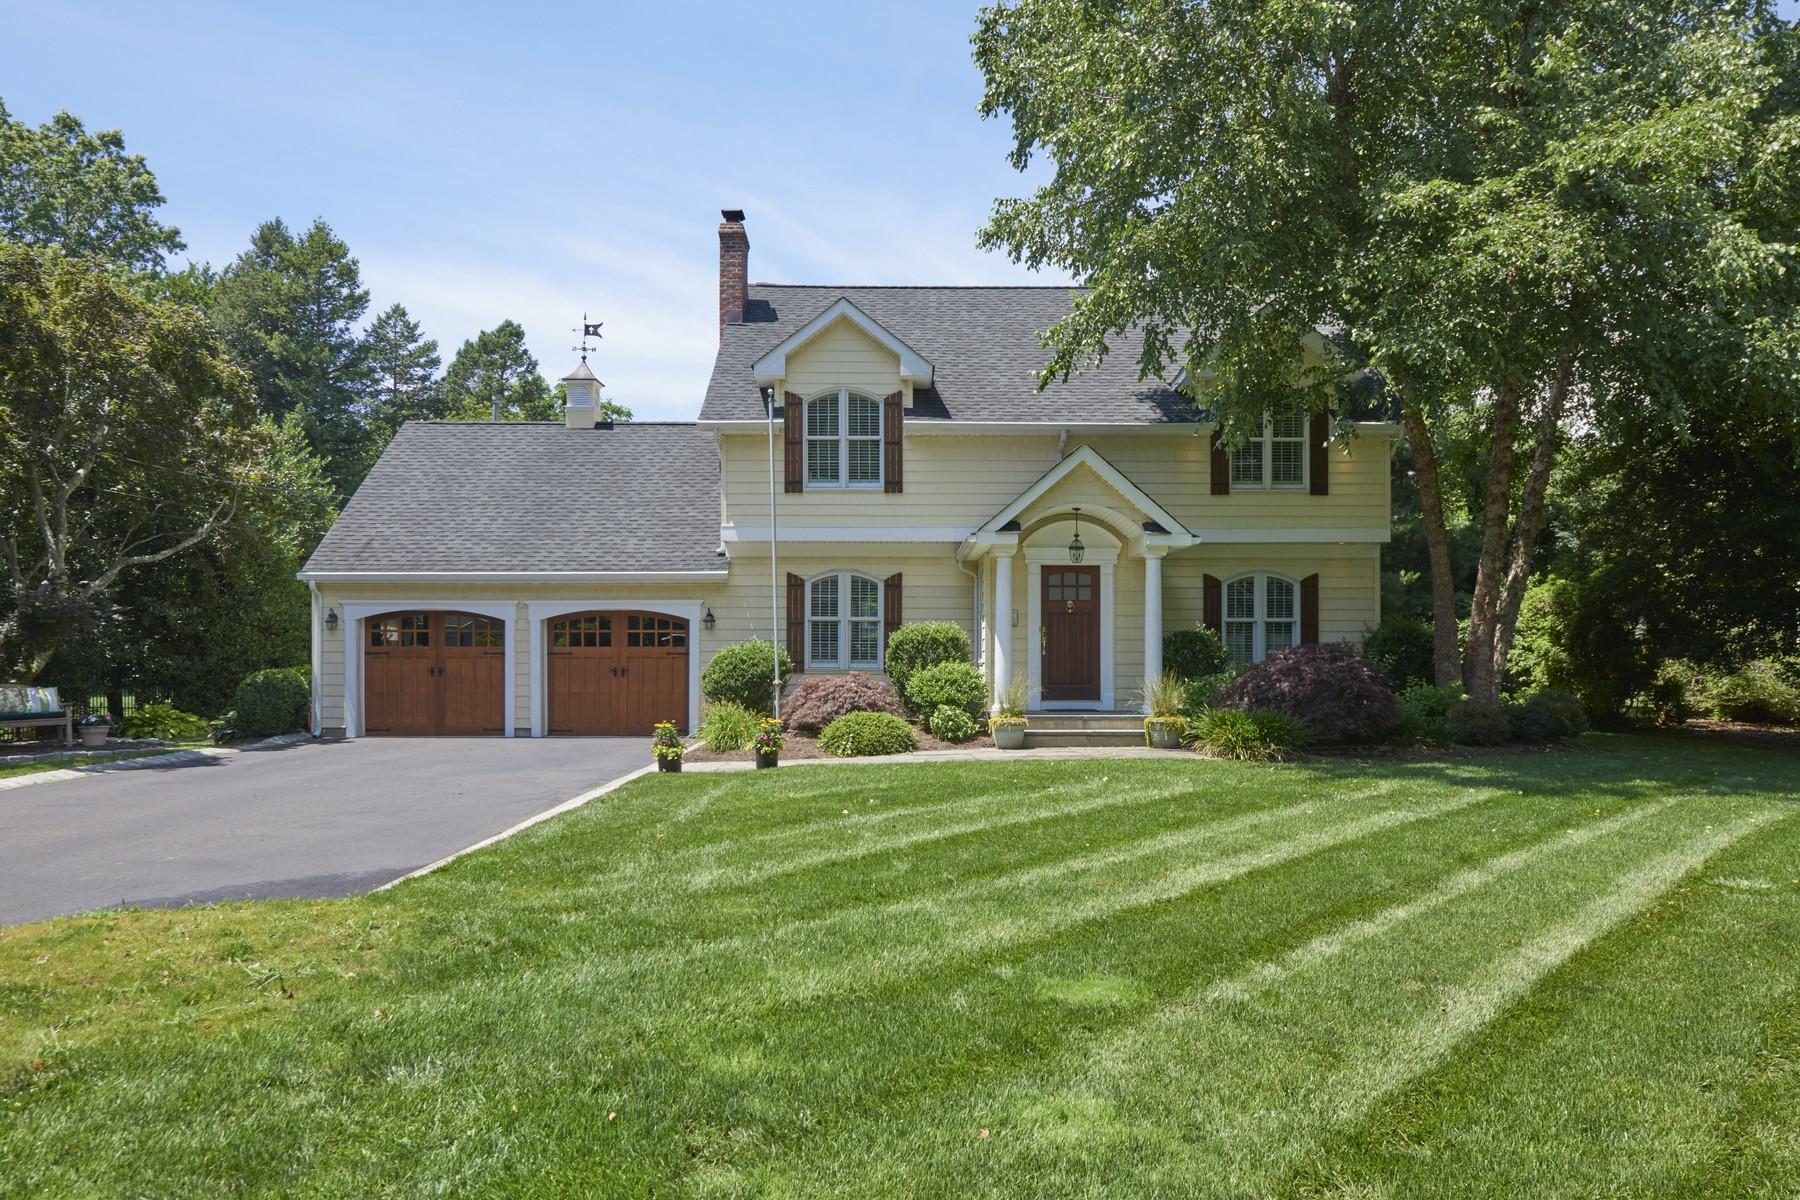 Nhà ở một gia đình vì Bán tại Stunning Home 52 E End Ave Shrewsbury, New Jersey 07702 Hoa Kỳ